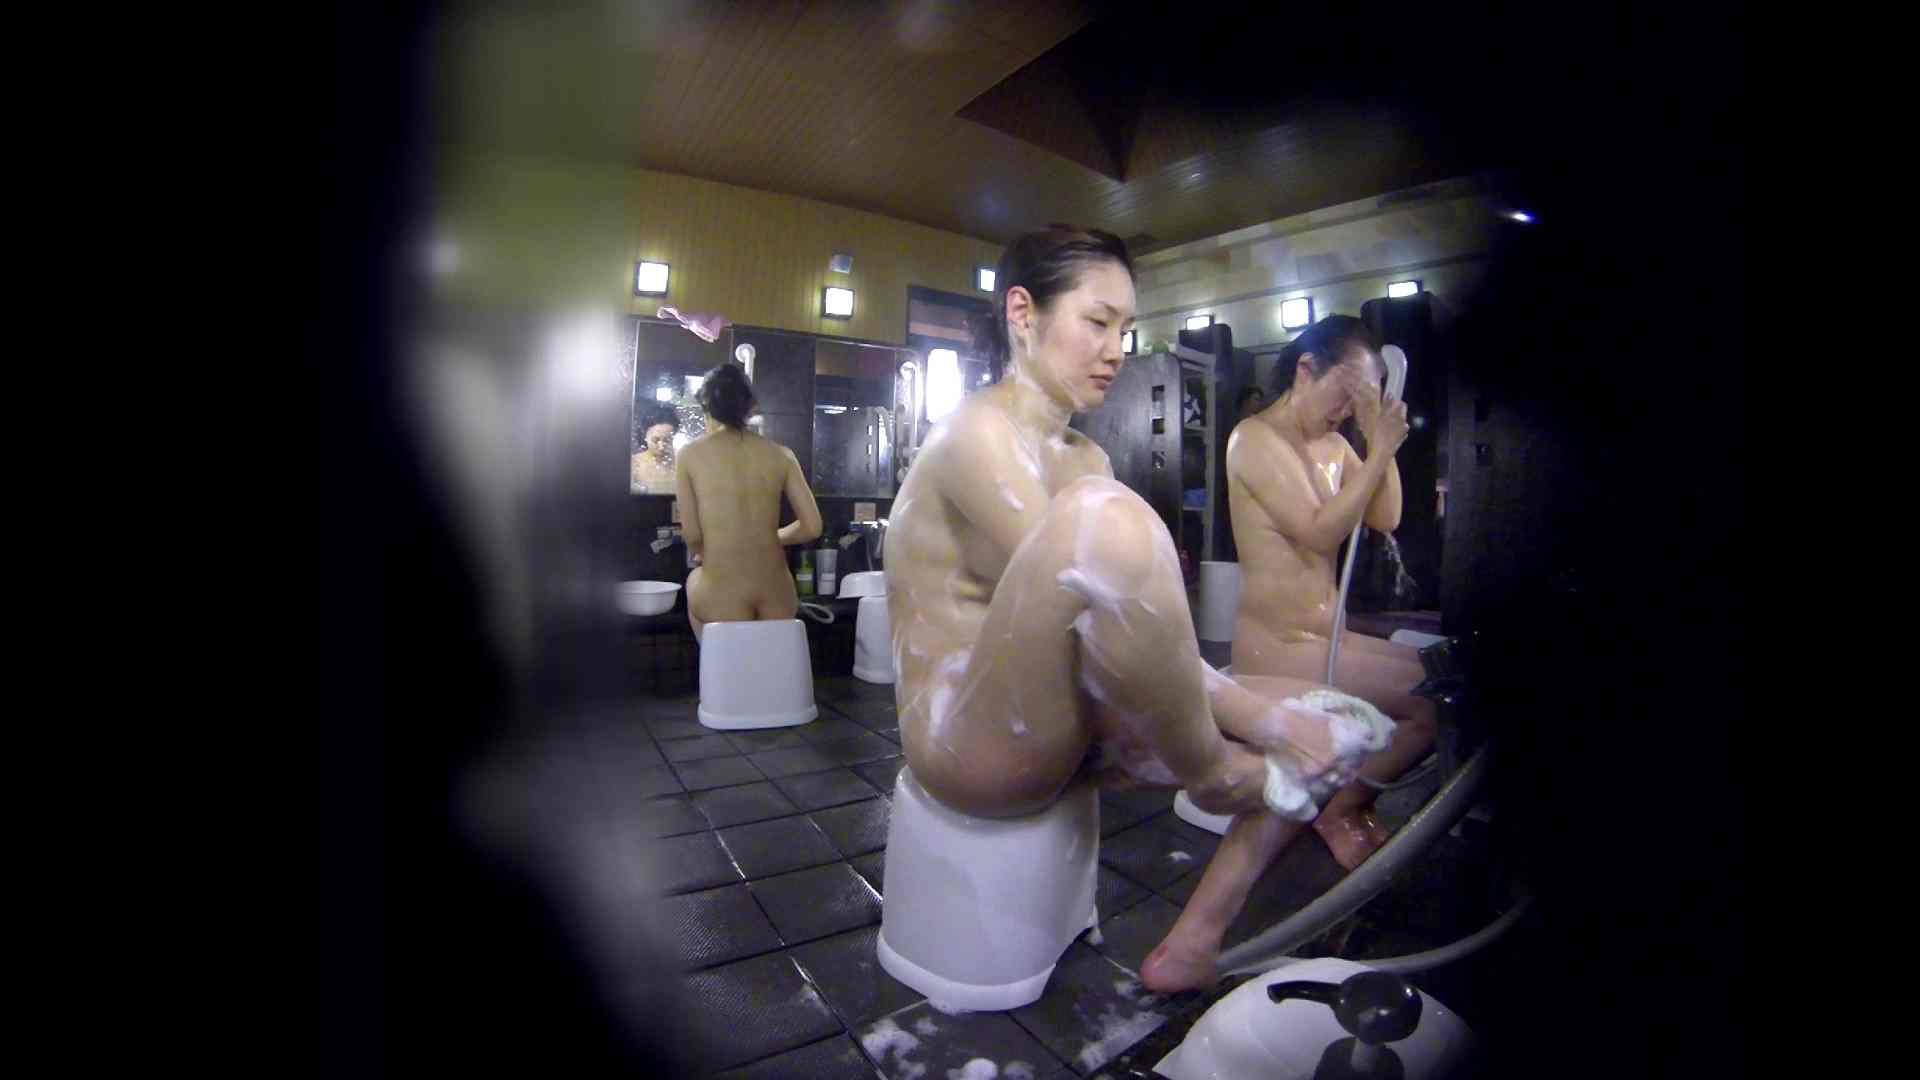 洗い場!好きです!ボリューム満点ボディーな感じが堪りません。 女湯 | 桃色乳首  113画像 97